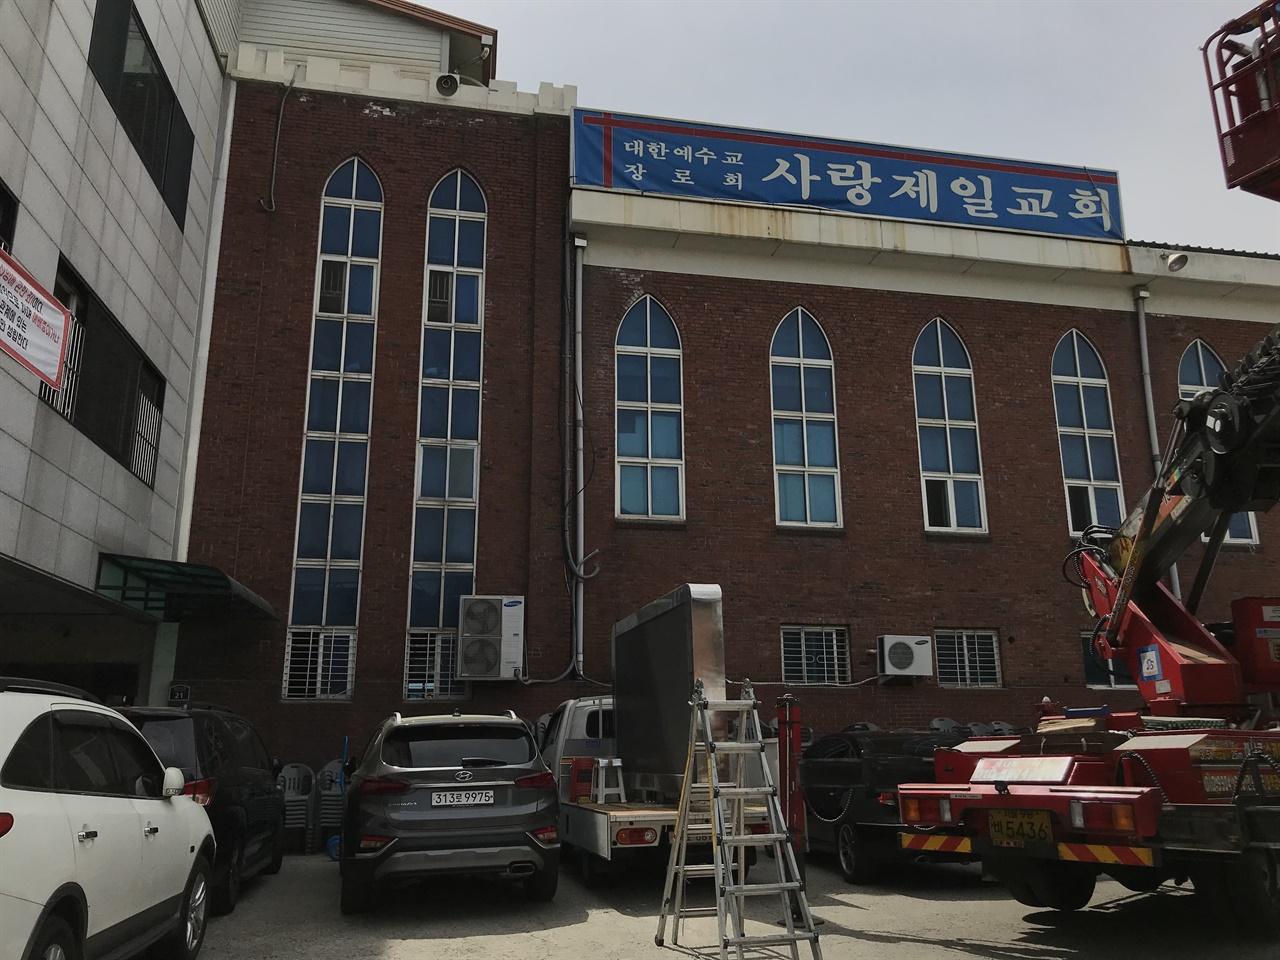 사랑제일교회 서울 성북구 장위동에 있는 교회. 1983년 전광훈 목사가 설립했다. 동대문구 답십리동 상가건물에서 출발, 1995년 지금의 위치에 있던 예배당 건물을 매입하여 이전했다. 전광훈 목사는 자신의 발언 때문에 '빤스목사'라는 별명으로 더 유명하다.